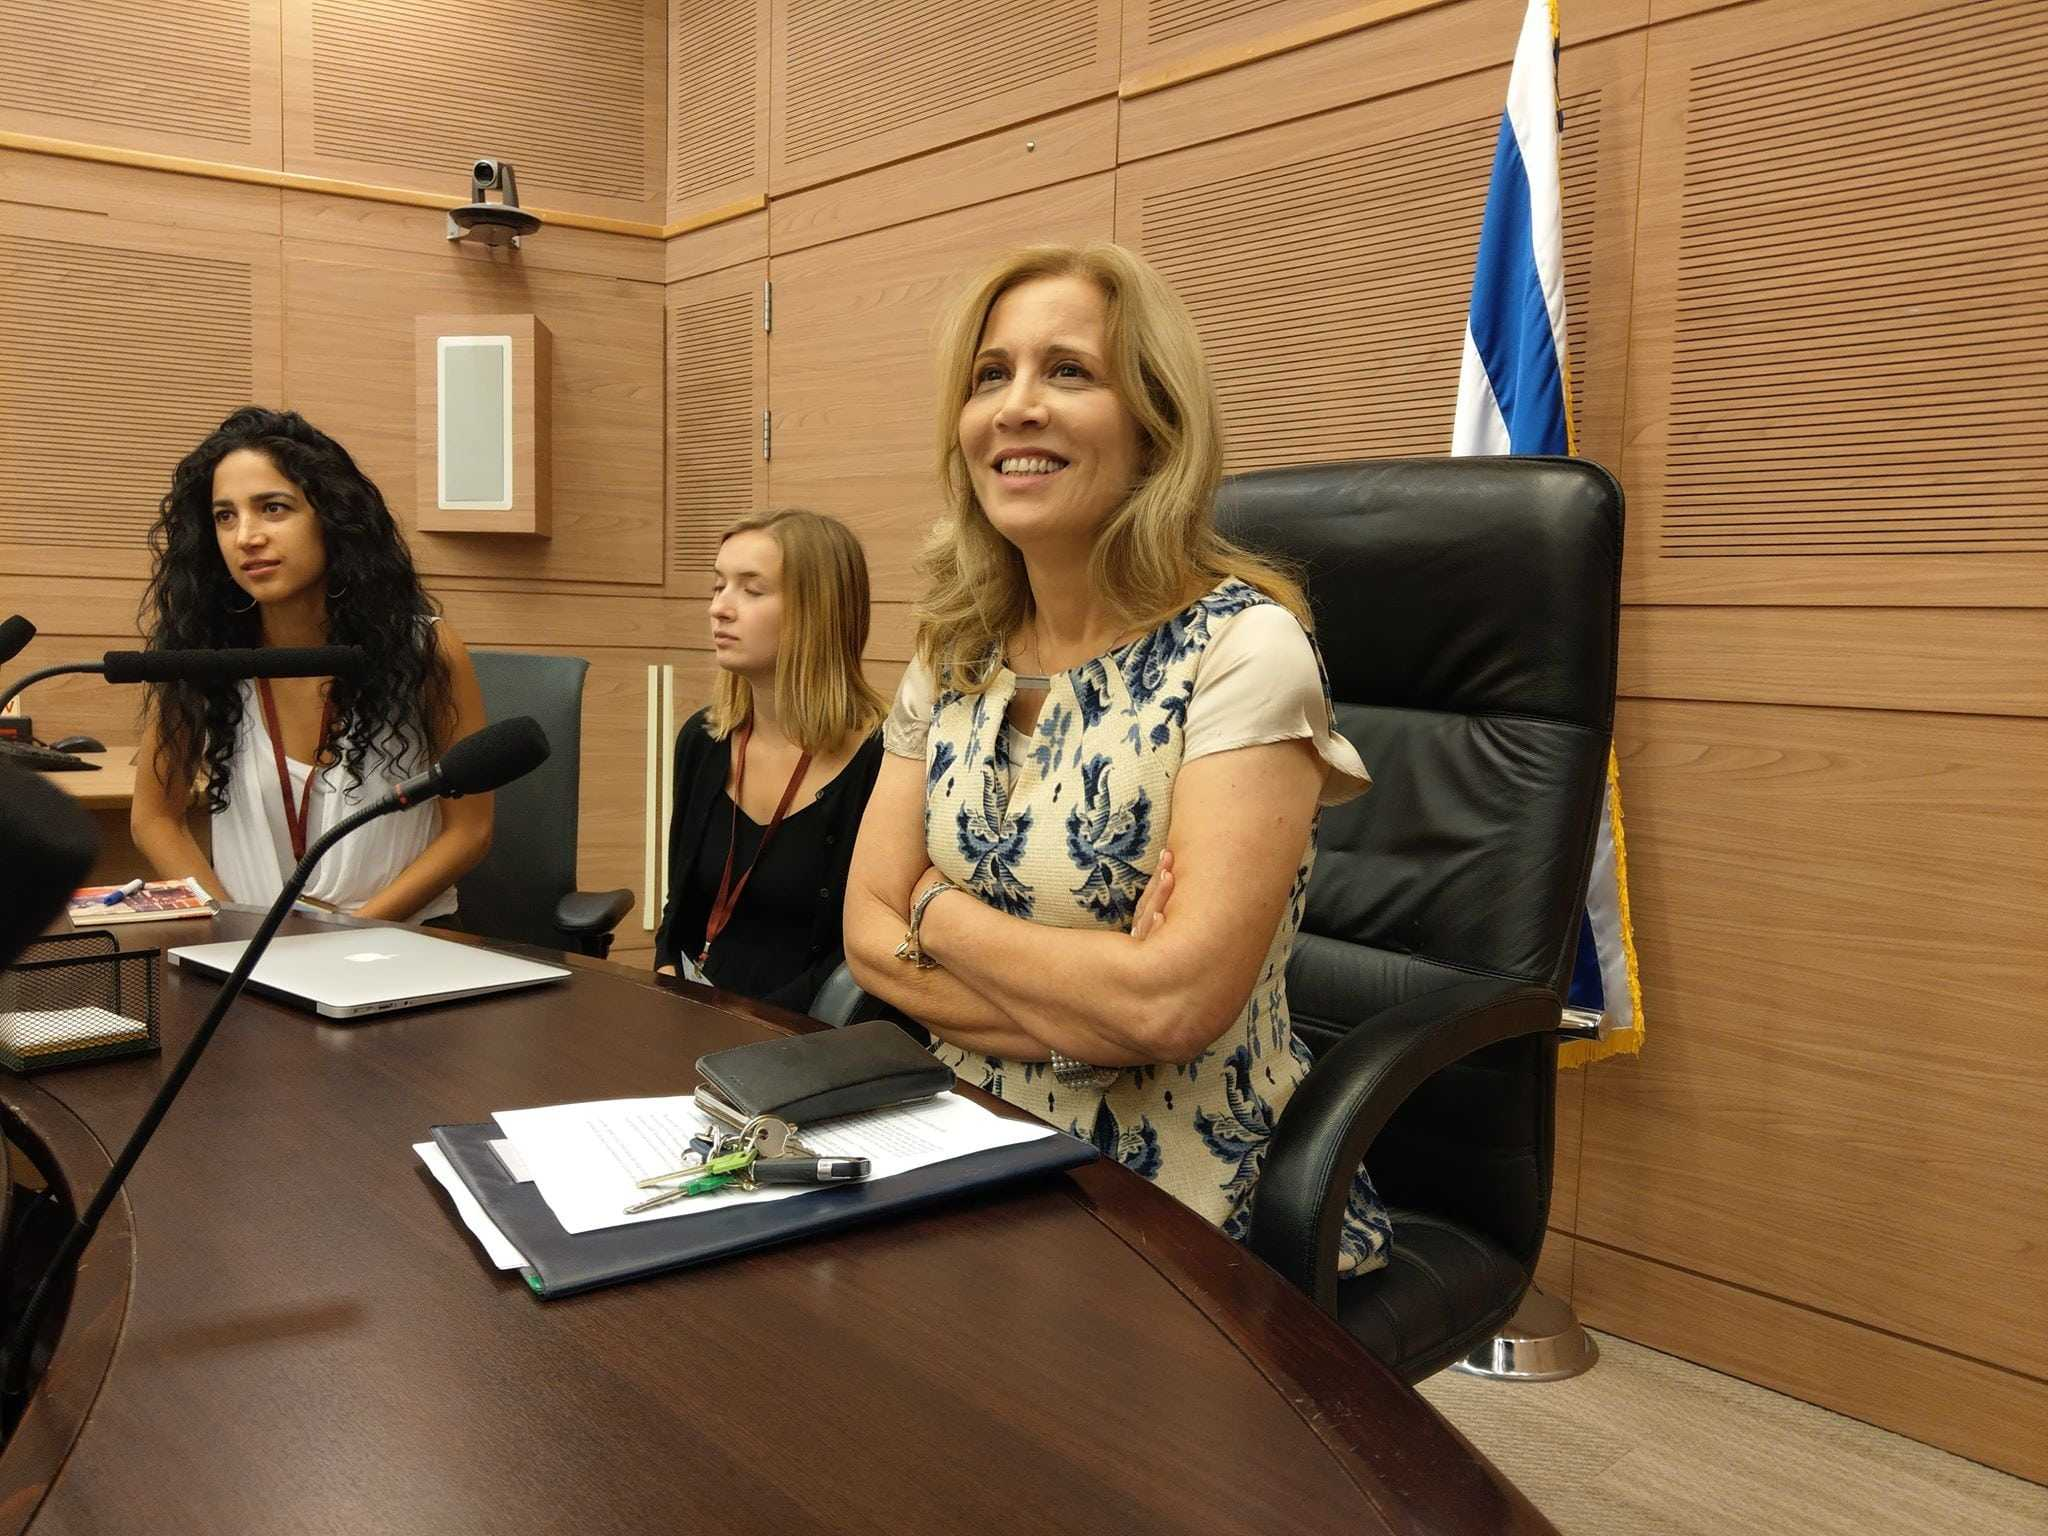 Knesset-medlem Aliza Lavie, leder for Norges venner i Knesset og representant for opposisjonspartiet Yesh Atid. (Foto: Kjetil Ravn Hansen)